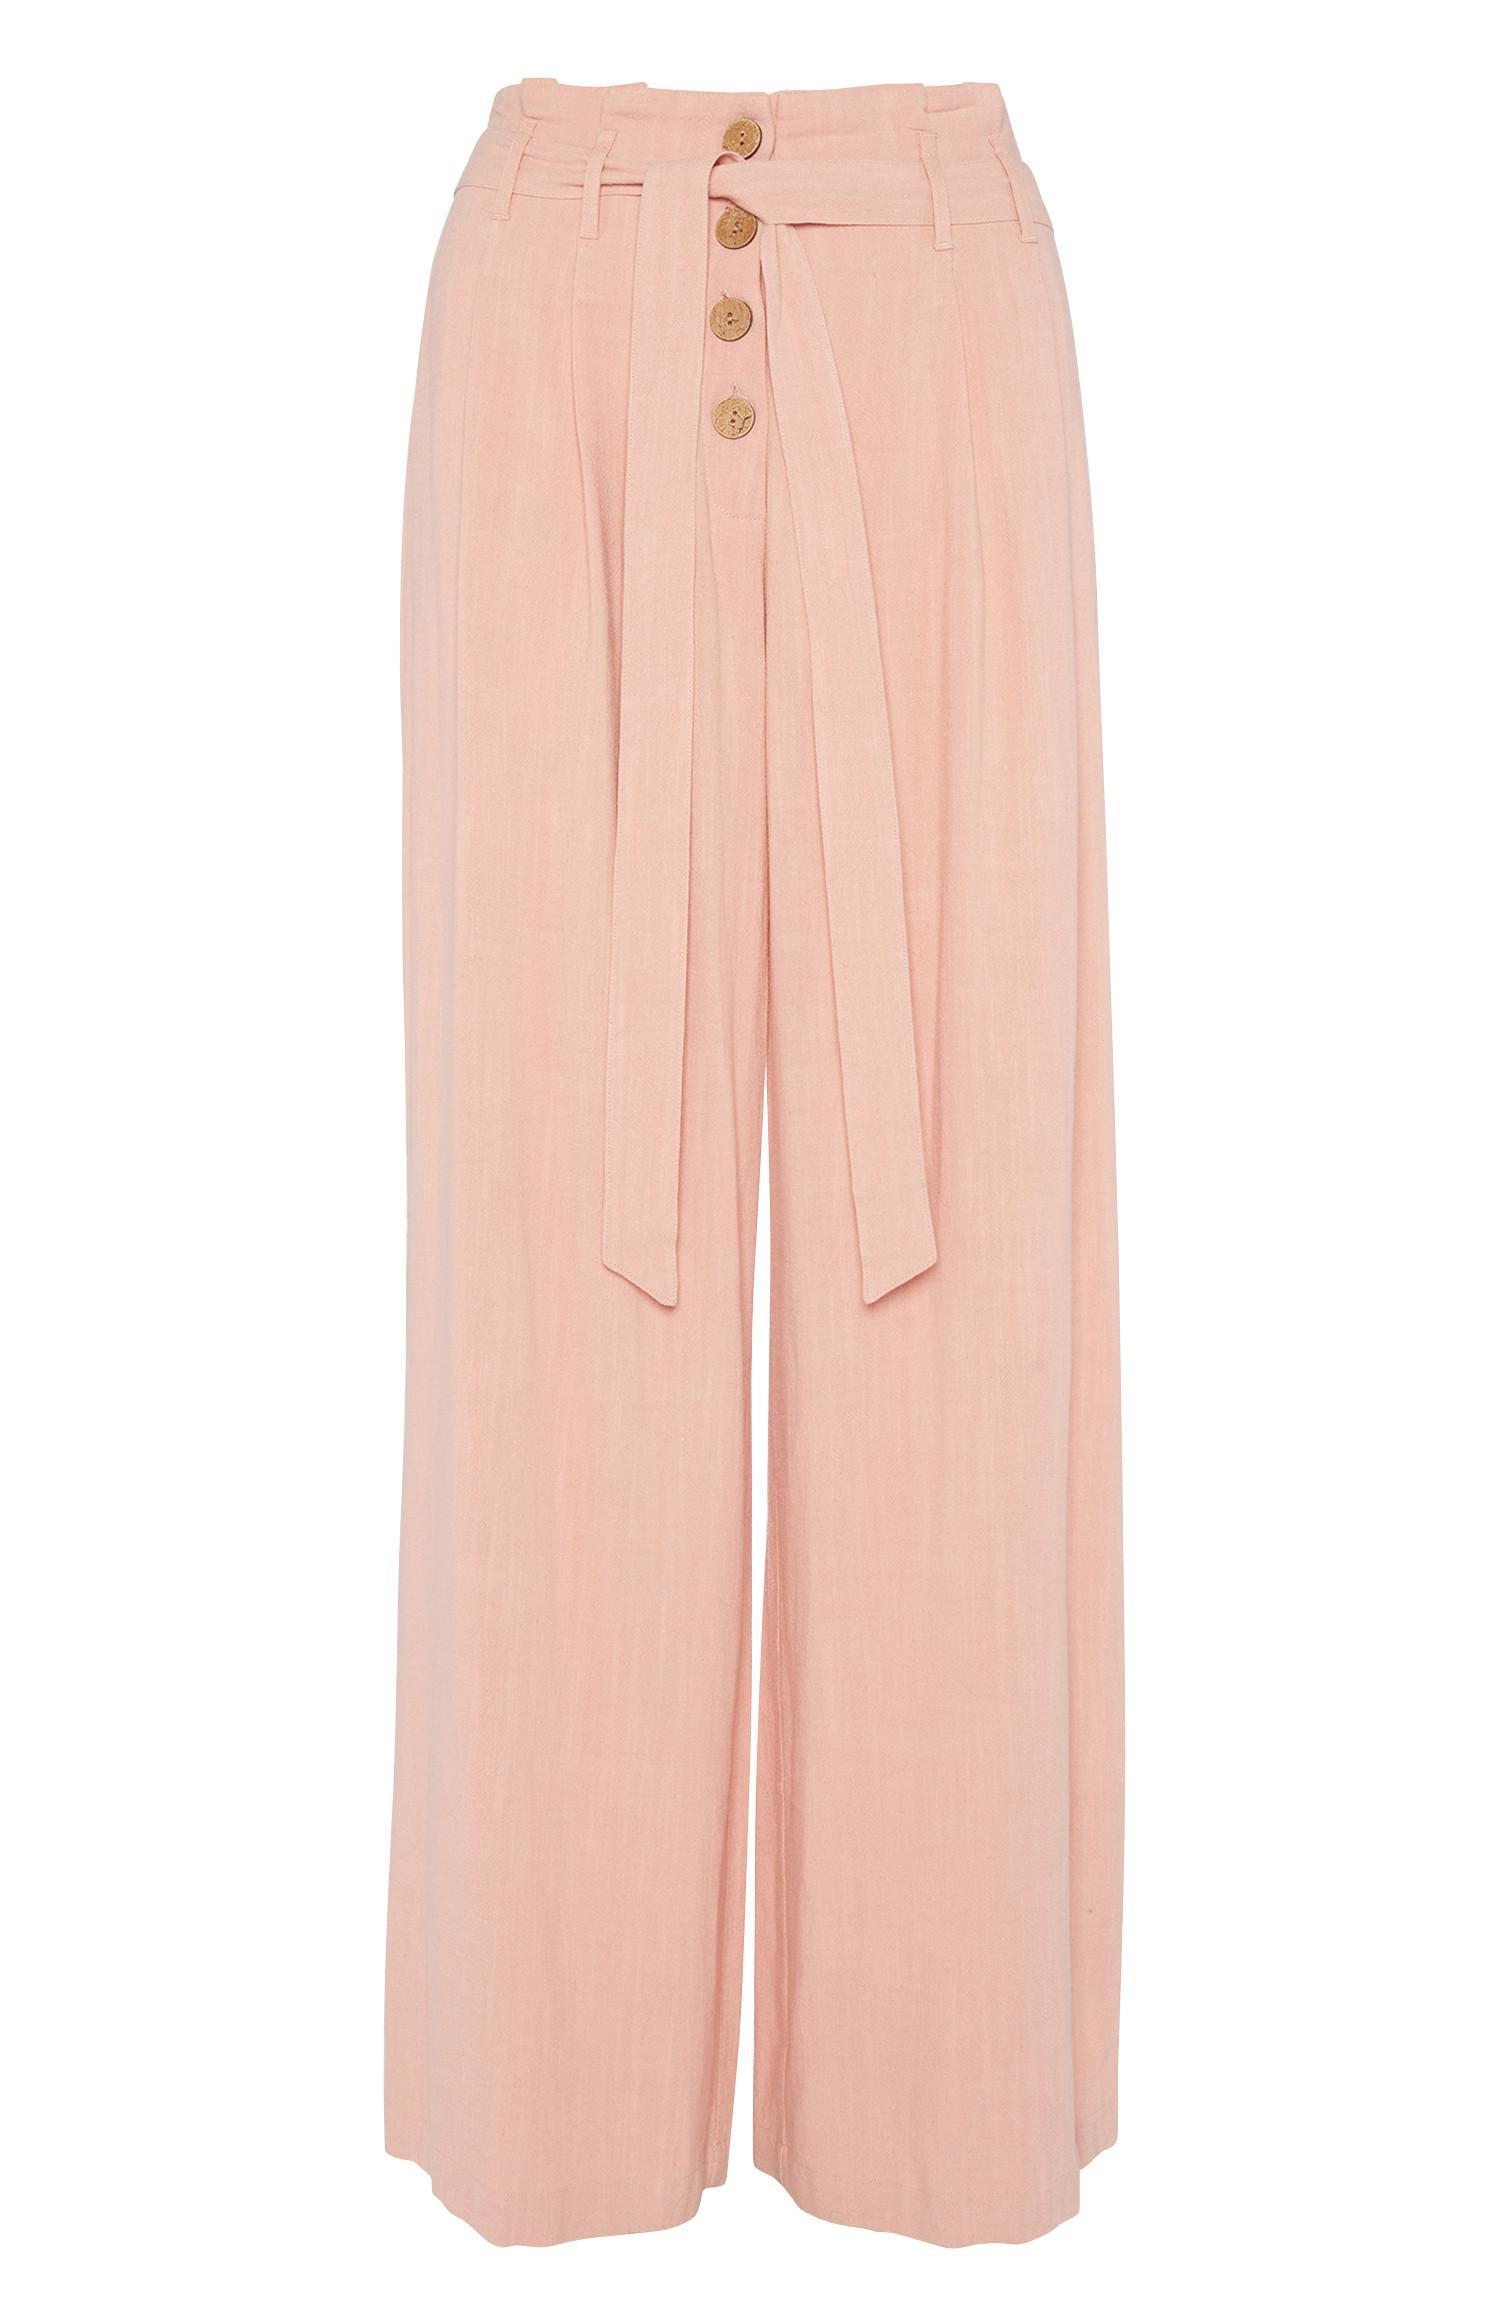 Rosafarbene Hose mit weitem Bein